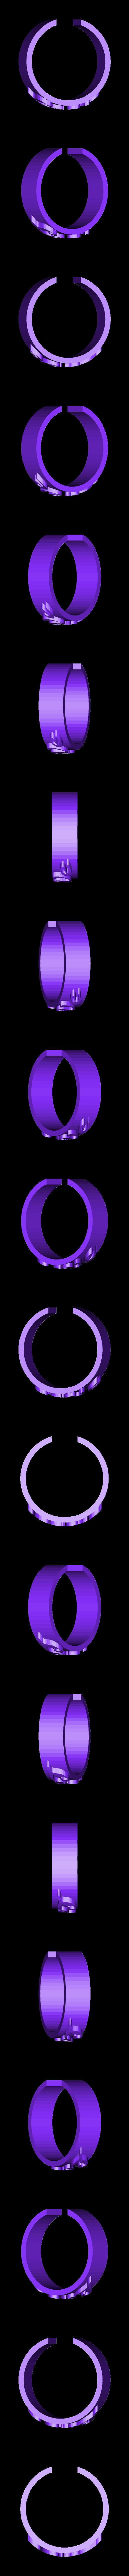 anillo love 21 abierto.stl Télécharger fichier STL gratuit Anillo / Ring Love • Design pour impression 3D, amg3D